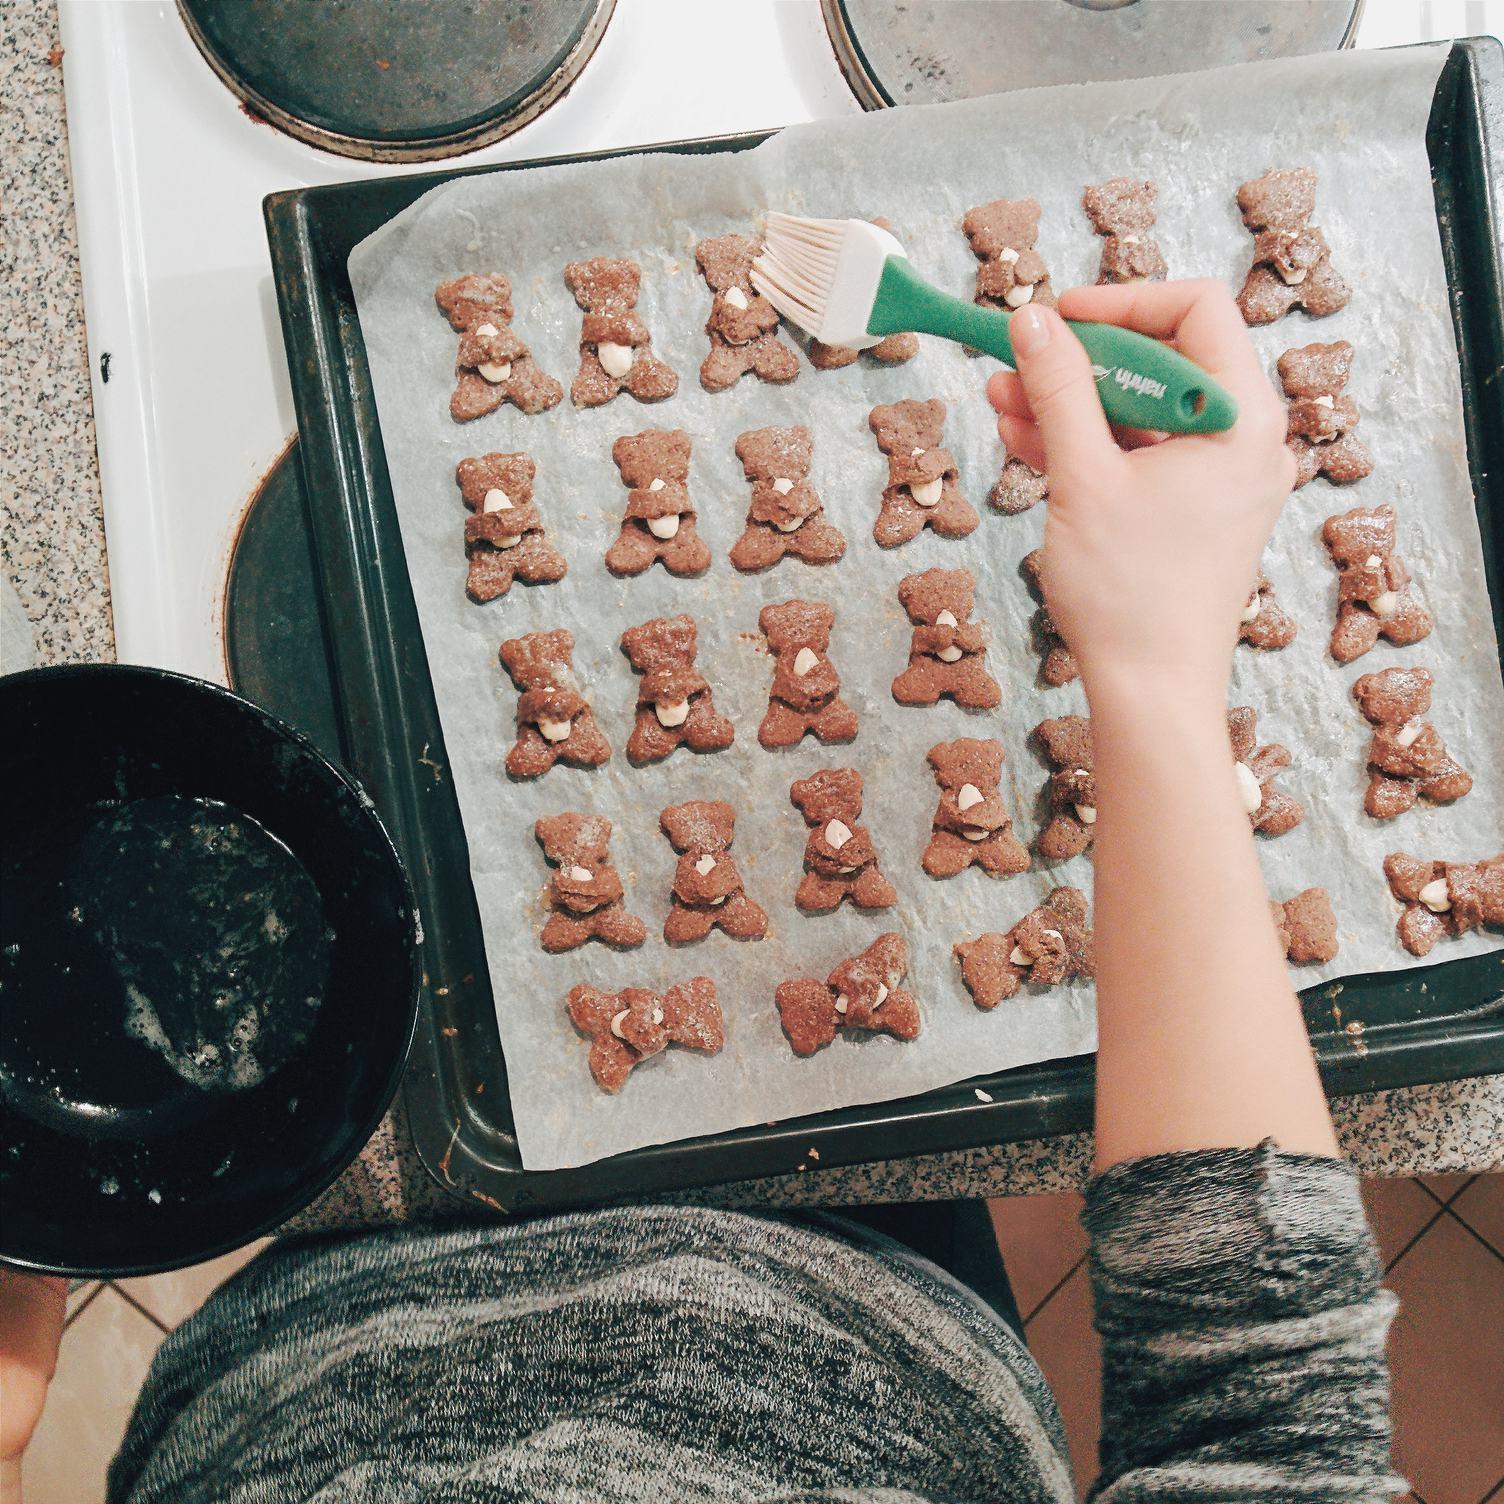 Xmas Gingerbread Bears Ready to Bake